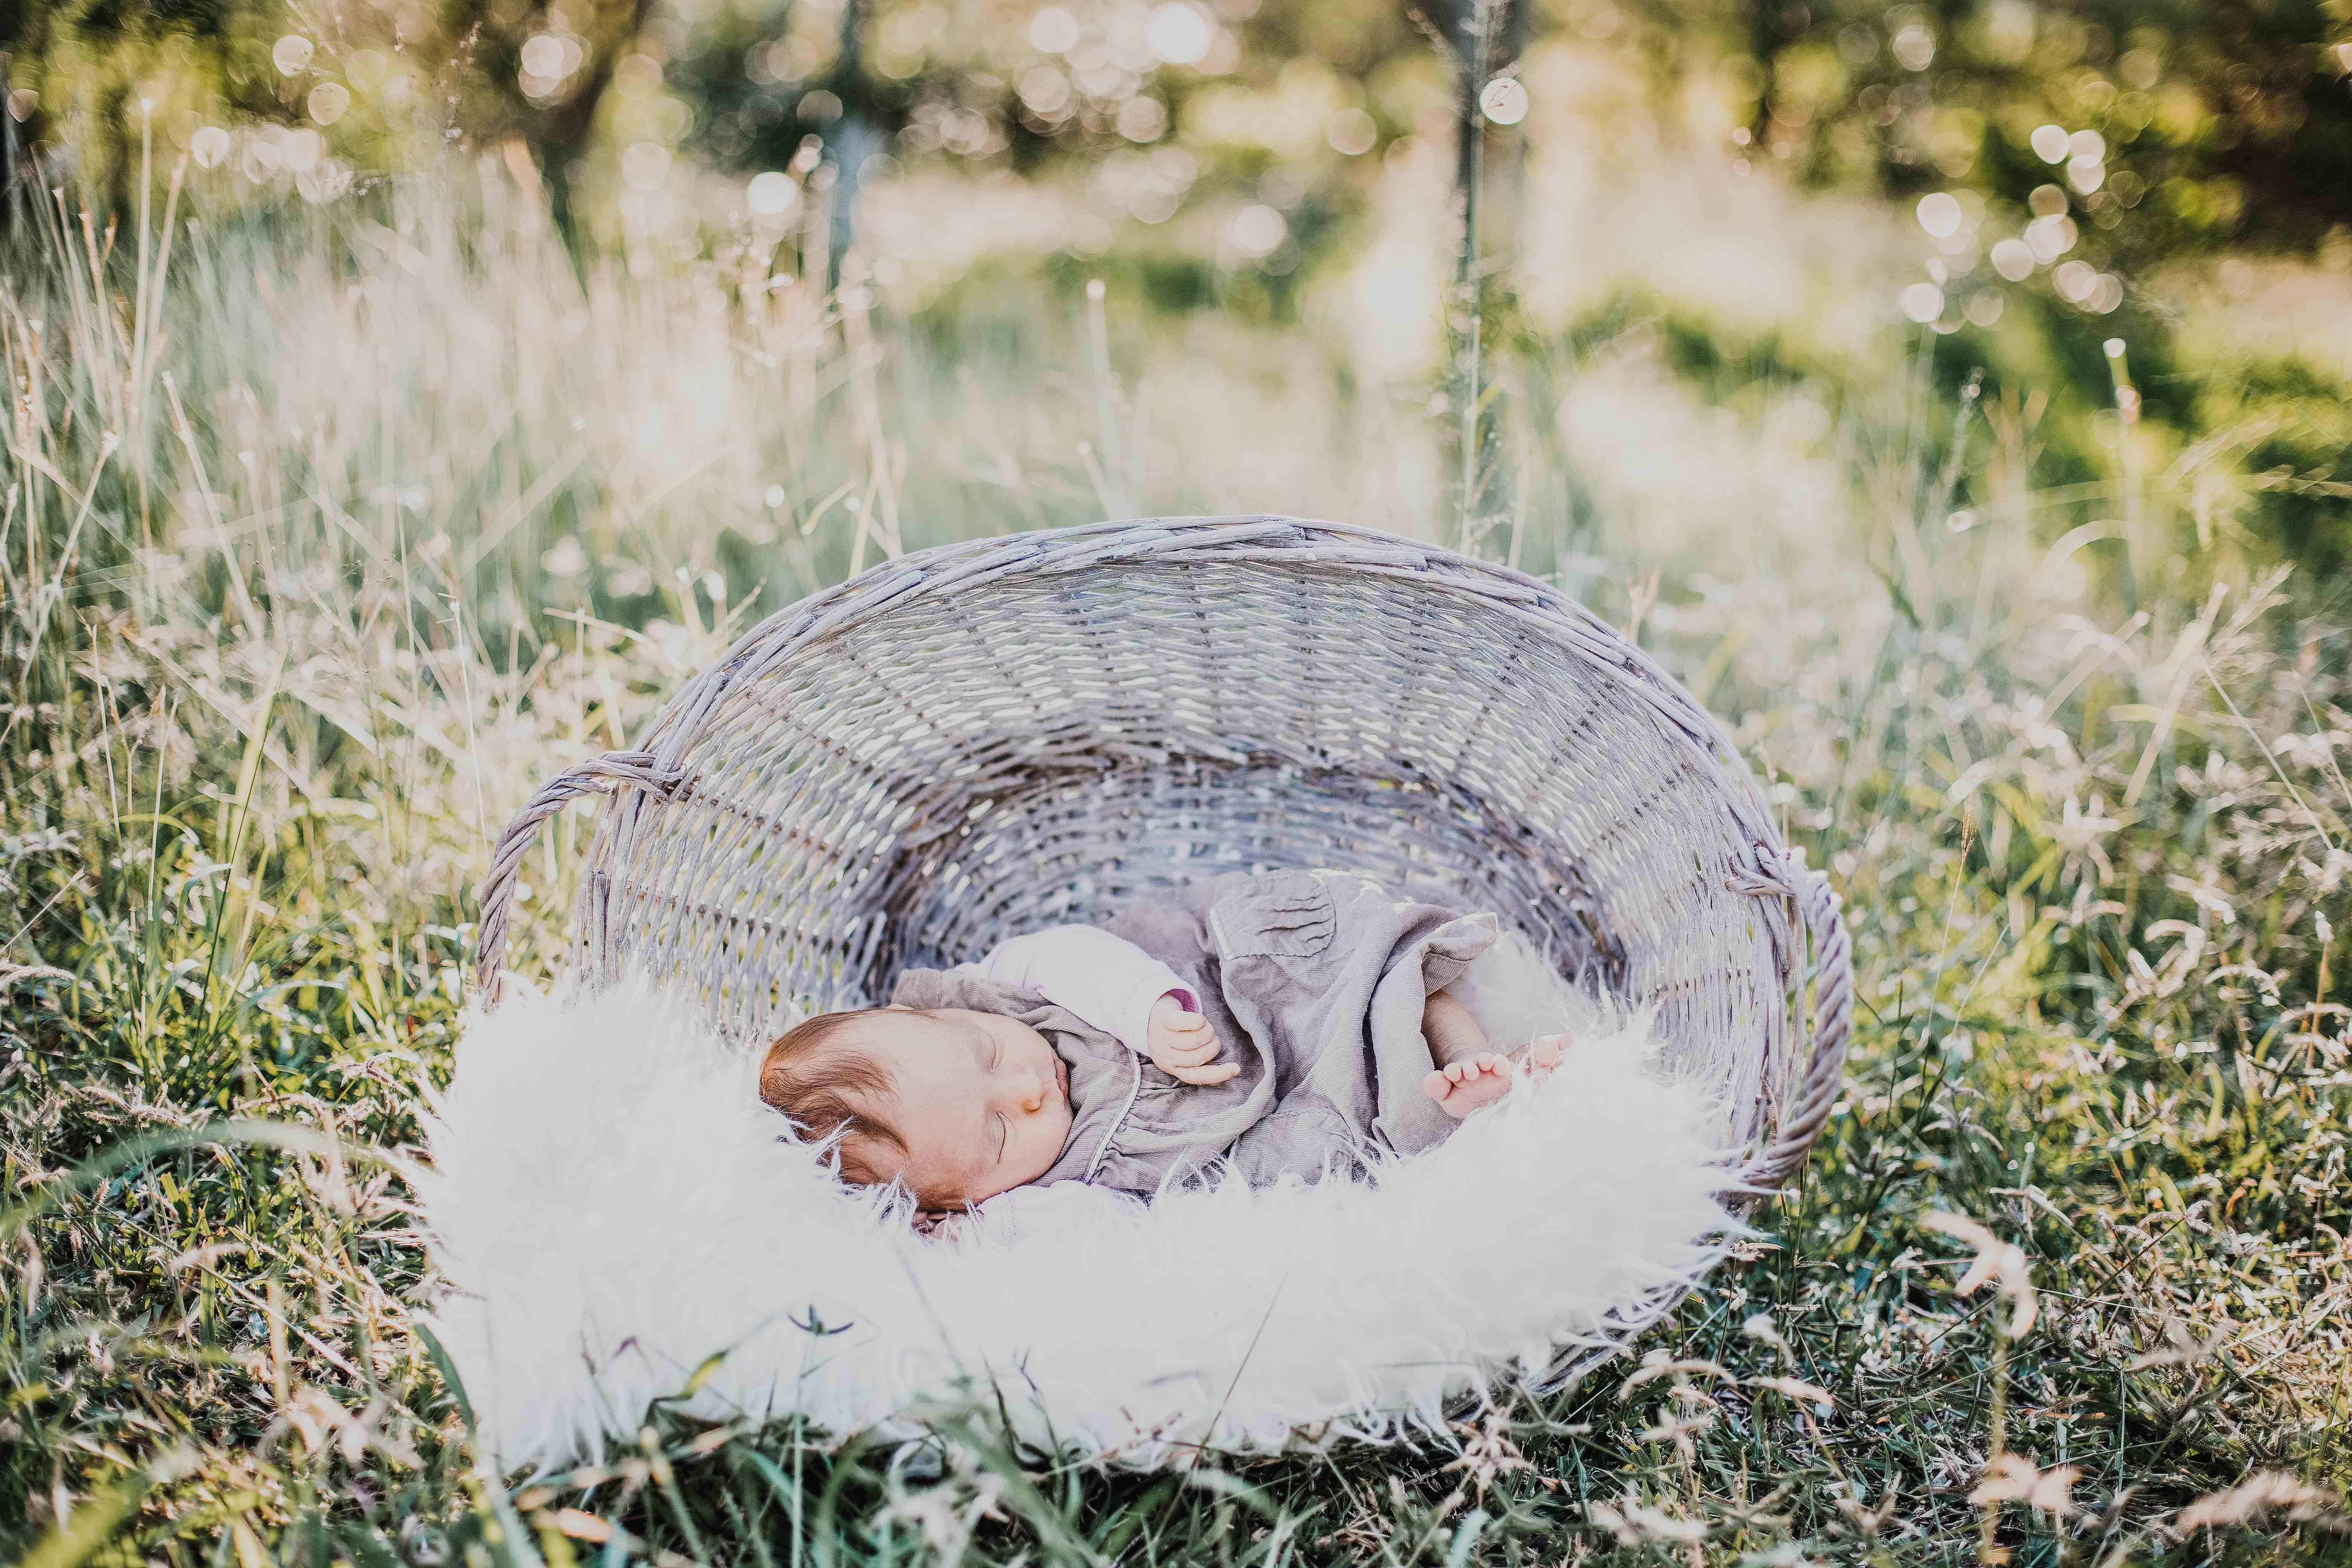 bébé est posé endormi dans un panier en osier, dans l'herbe